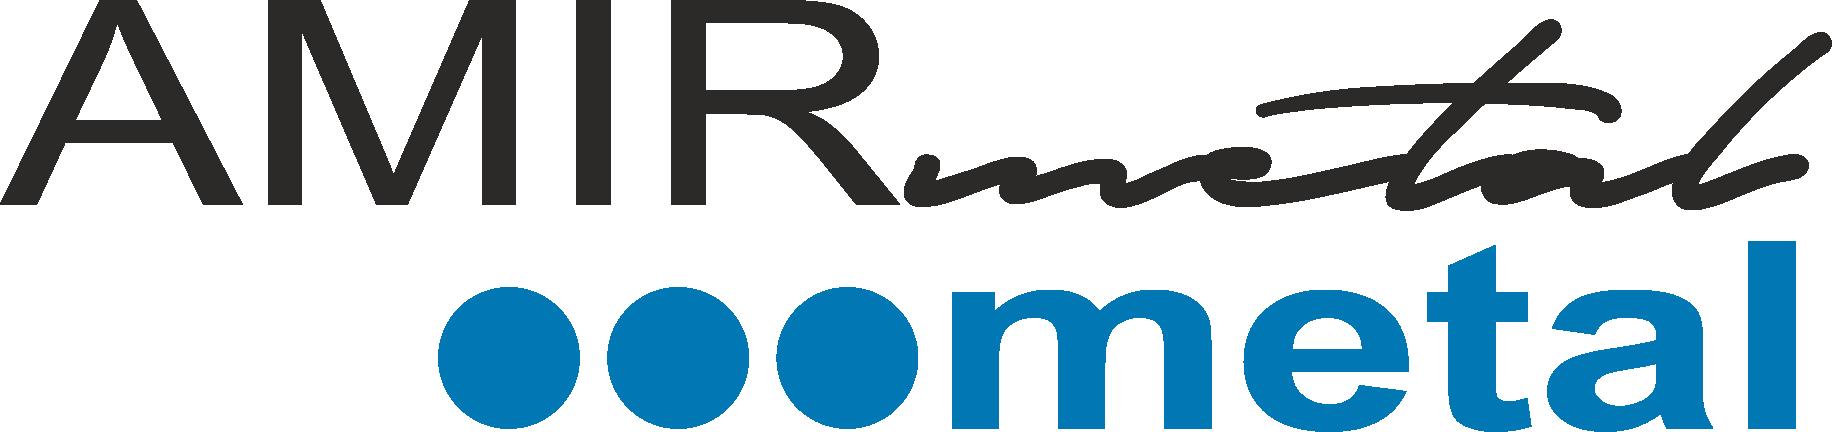 Logo amir w stopce